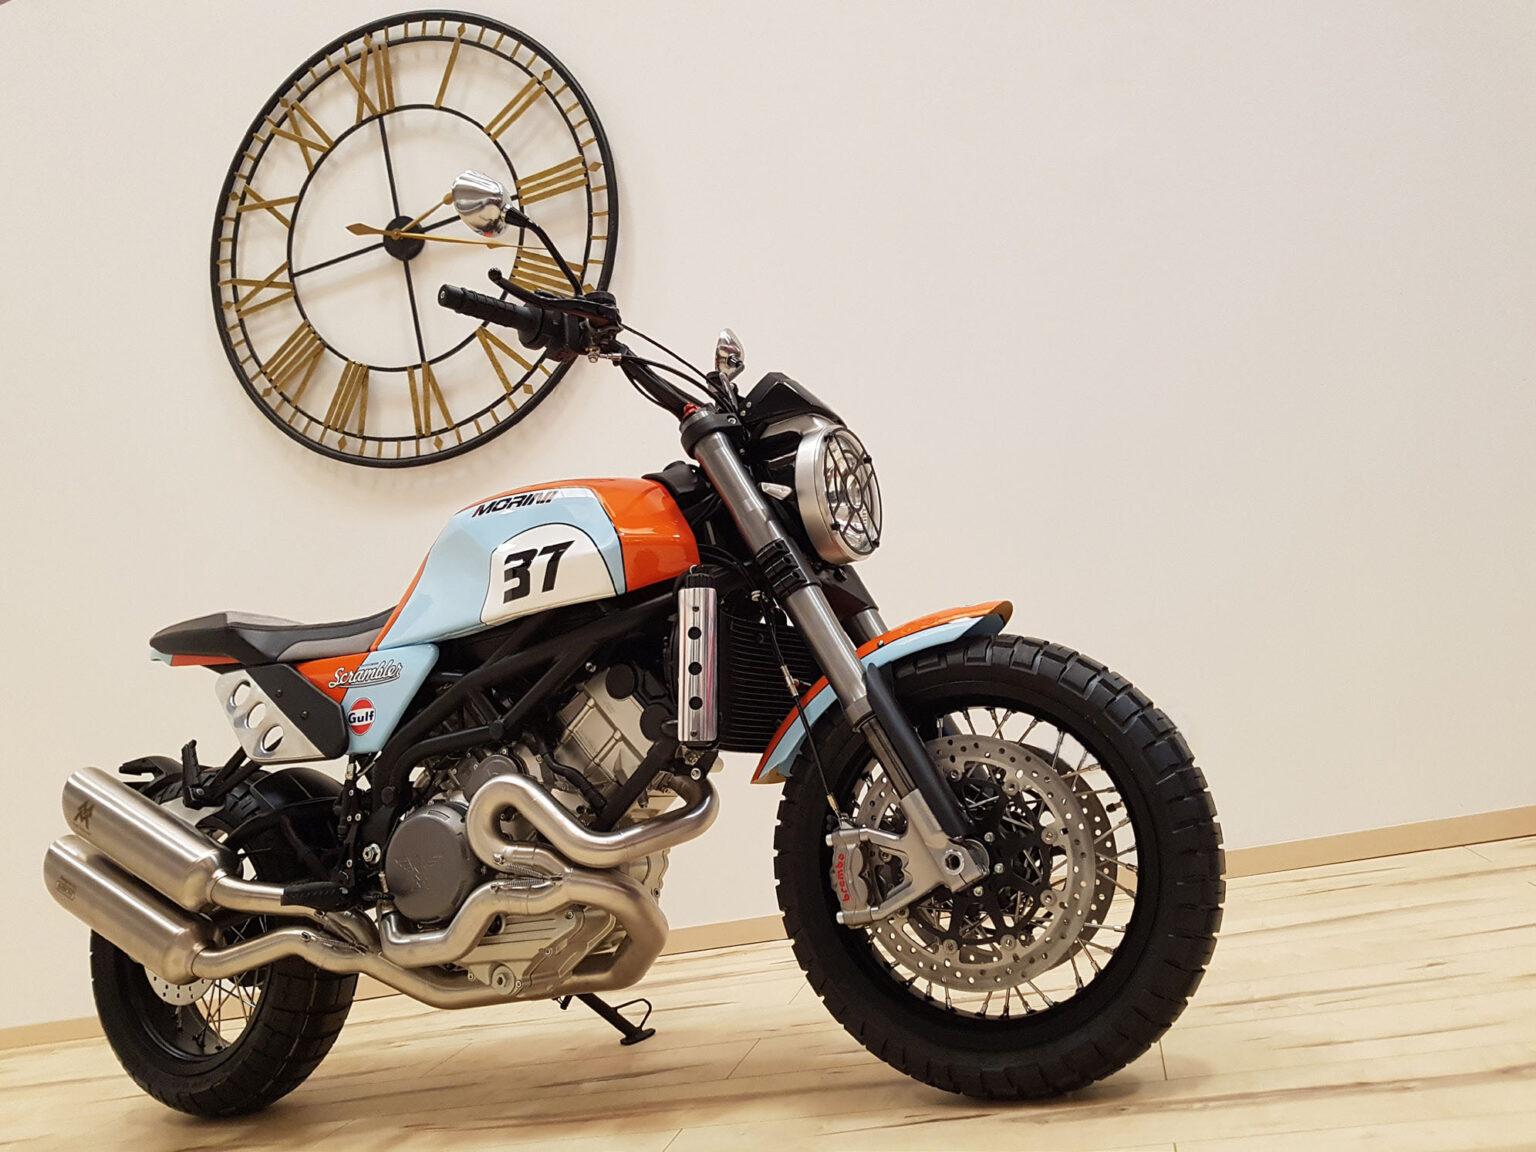 Ducati Monster 1200, información y precios - Fórmulamoto